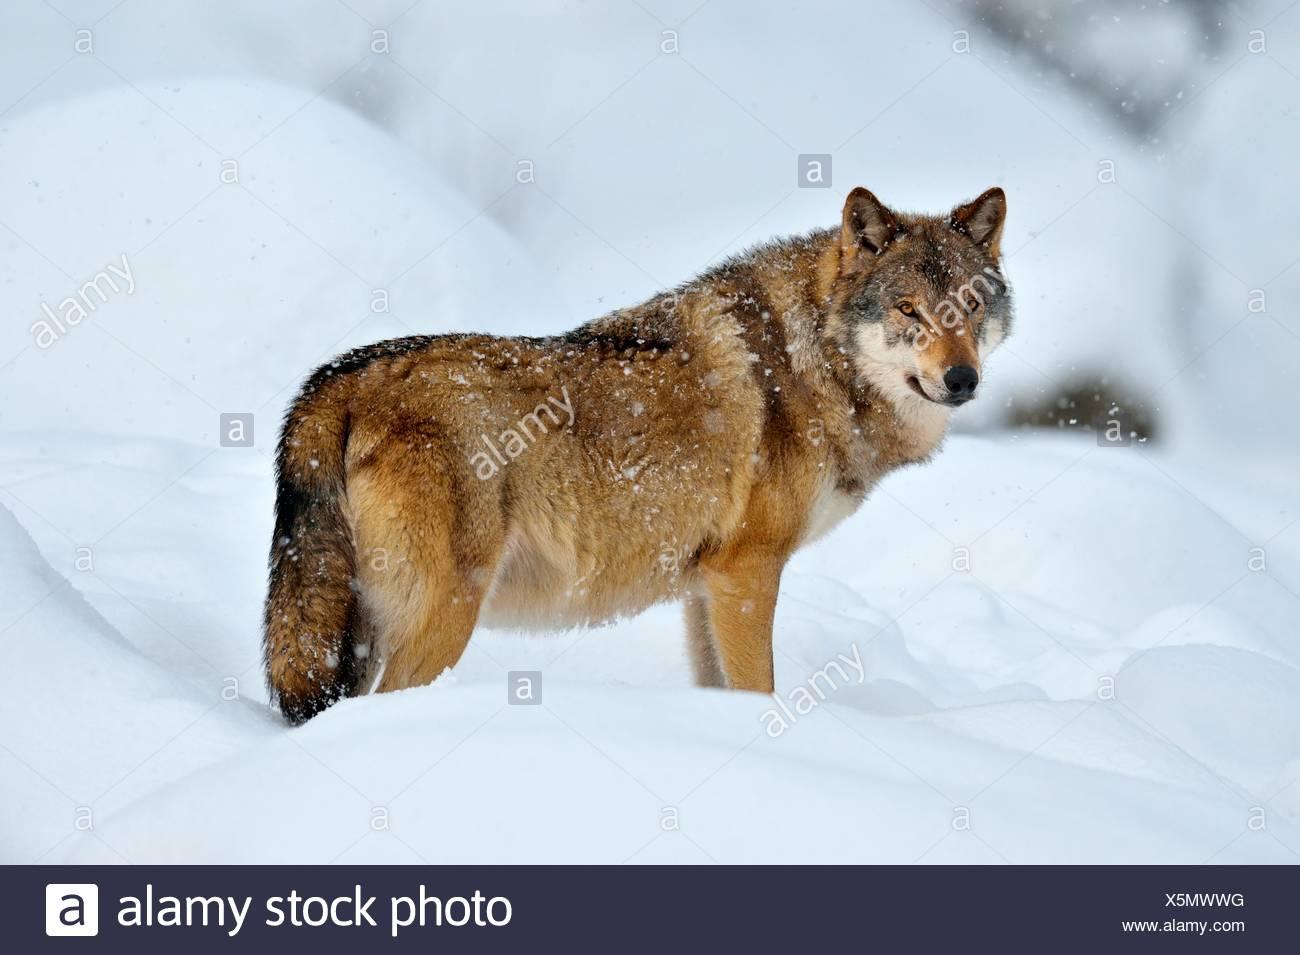 Loup eurasien, également commun loup ou milieu forêt russe wolf (Canis lupus lupus) debout dans la neige, Canton de Schwyz Photo Stock